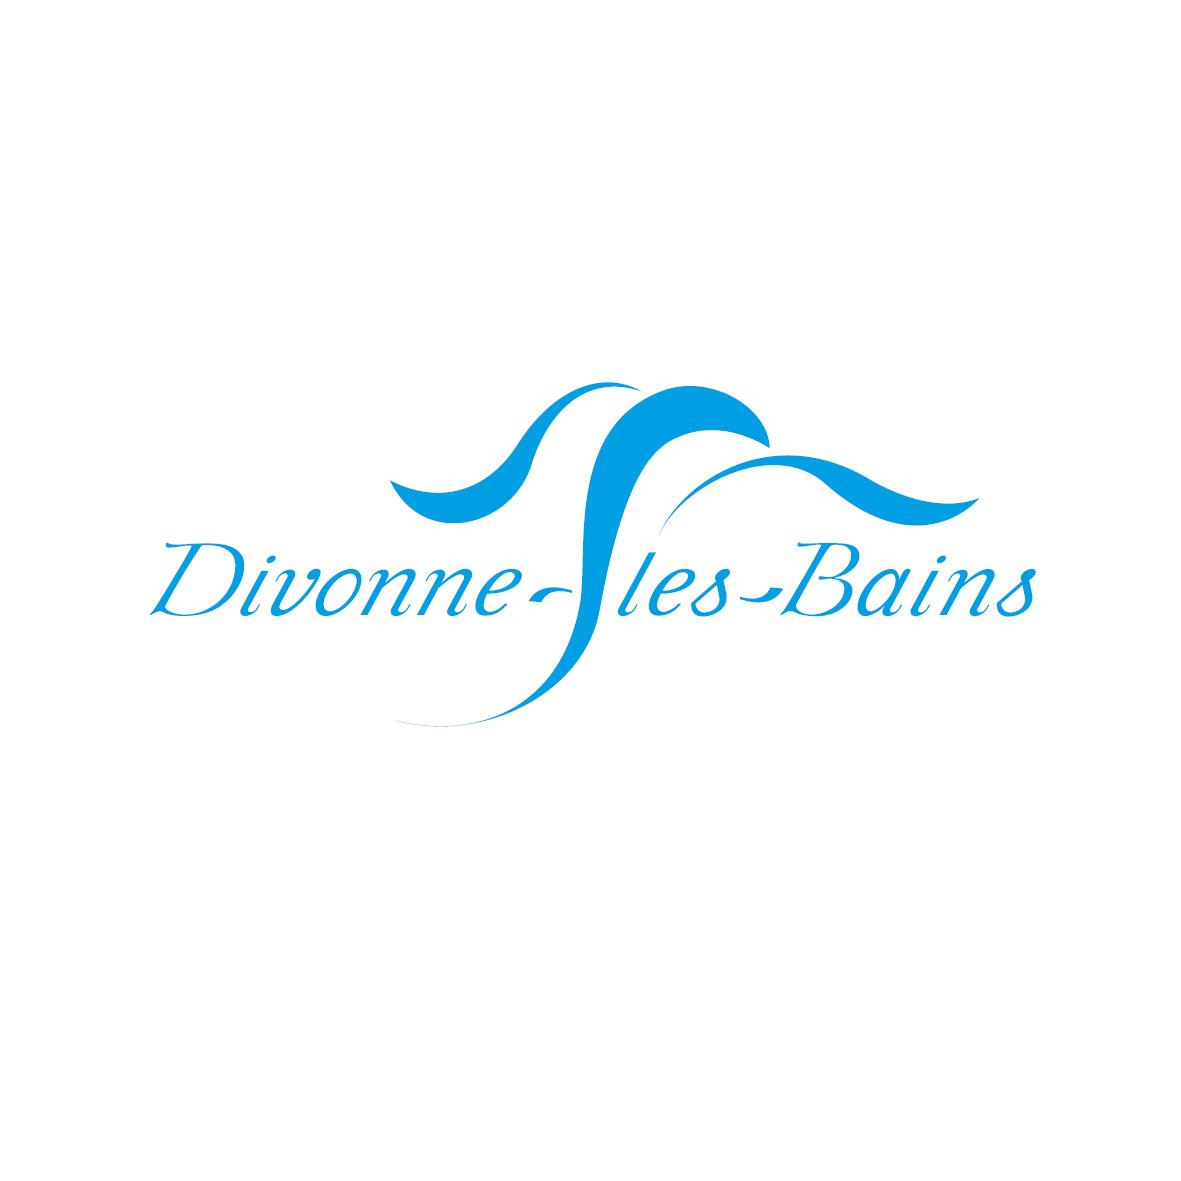 Image Logo Divonne